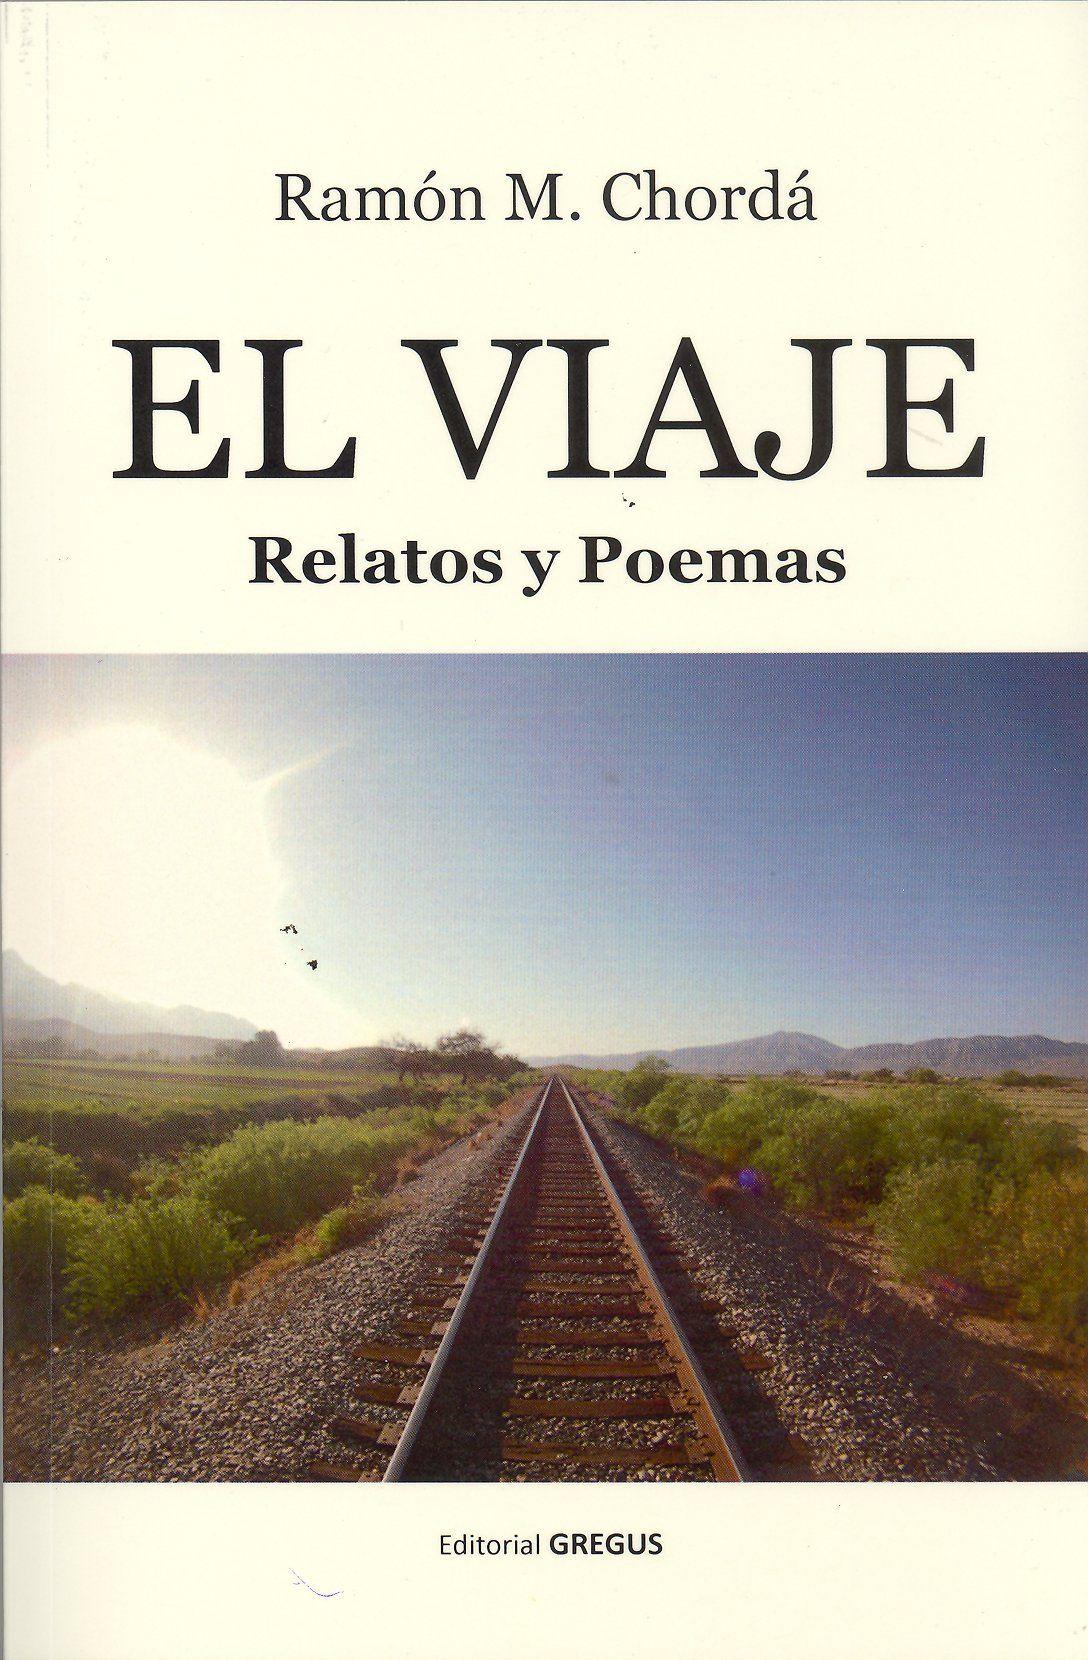 Chordá, Ramón M. El Viaje : relatos y poemas.Madrid : Gregus, 2015